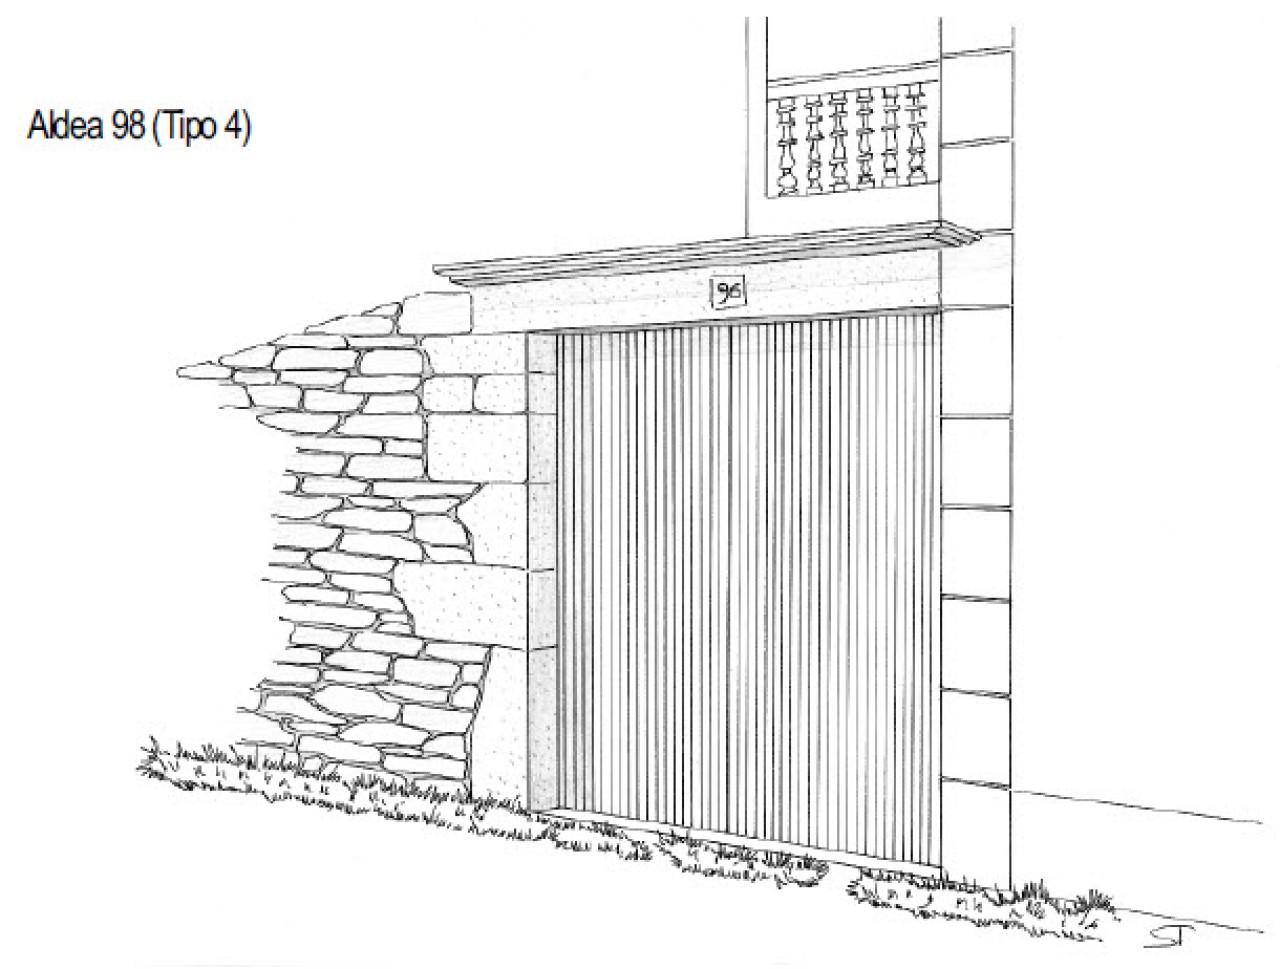 portalon-tipo-4-aldea-98-covas